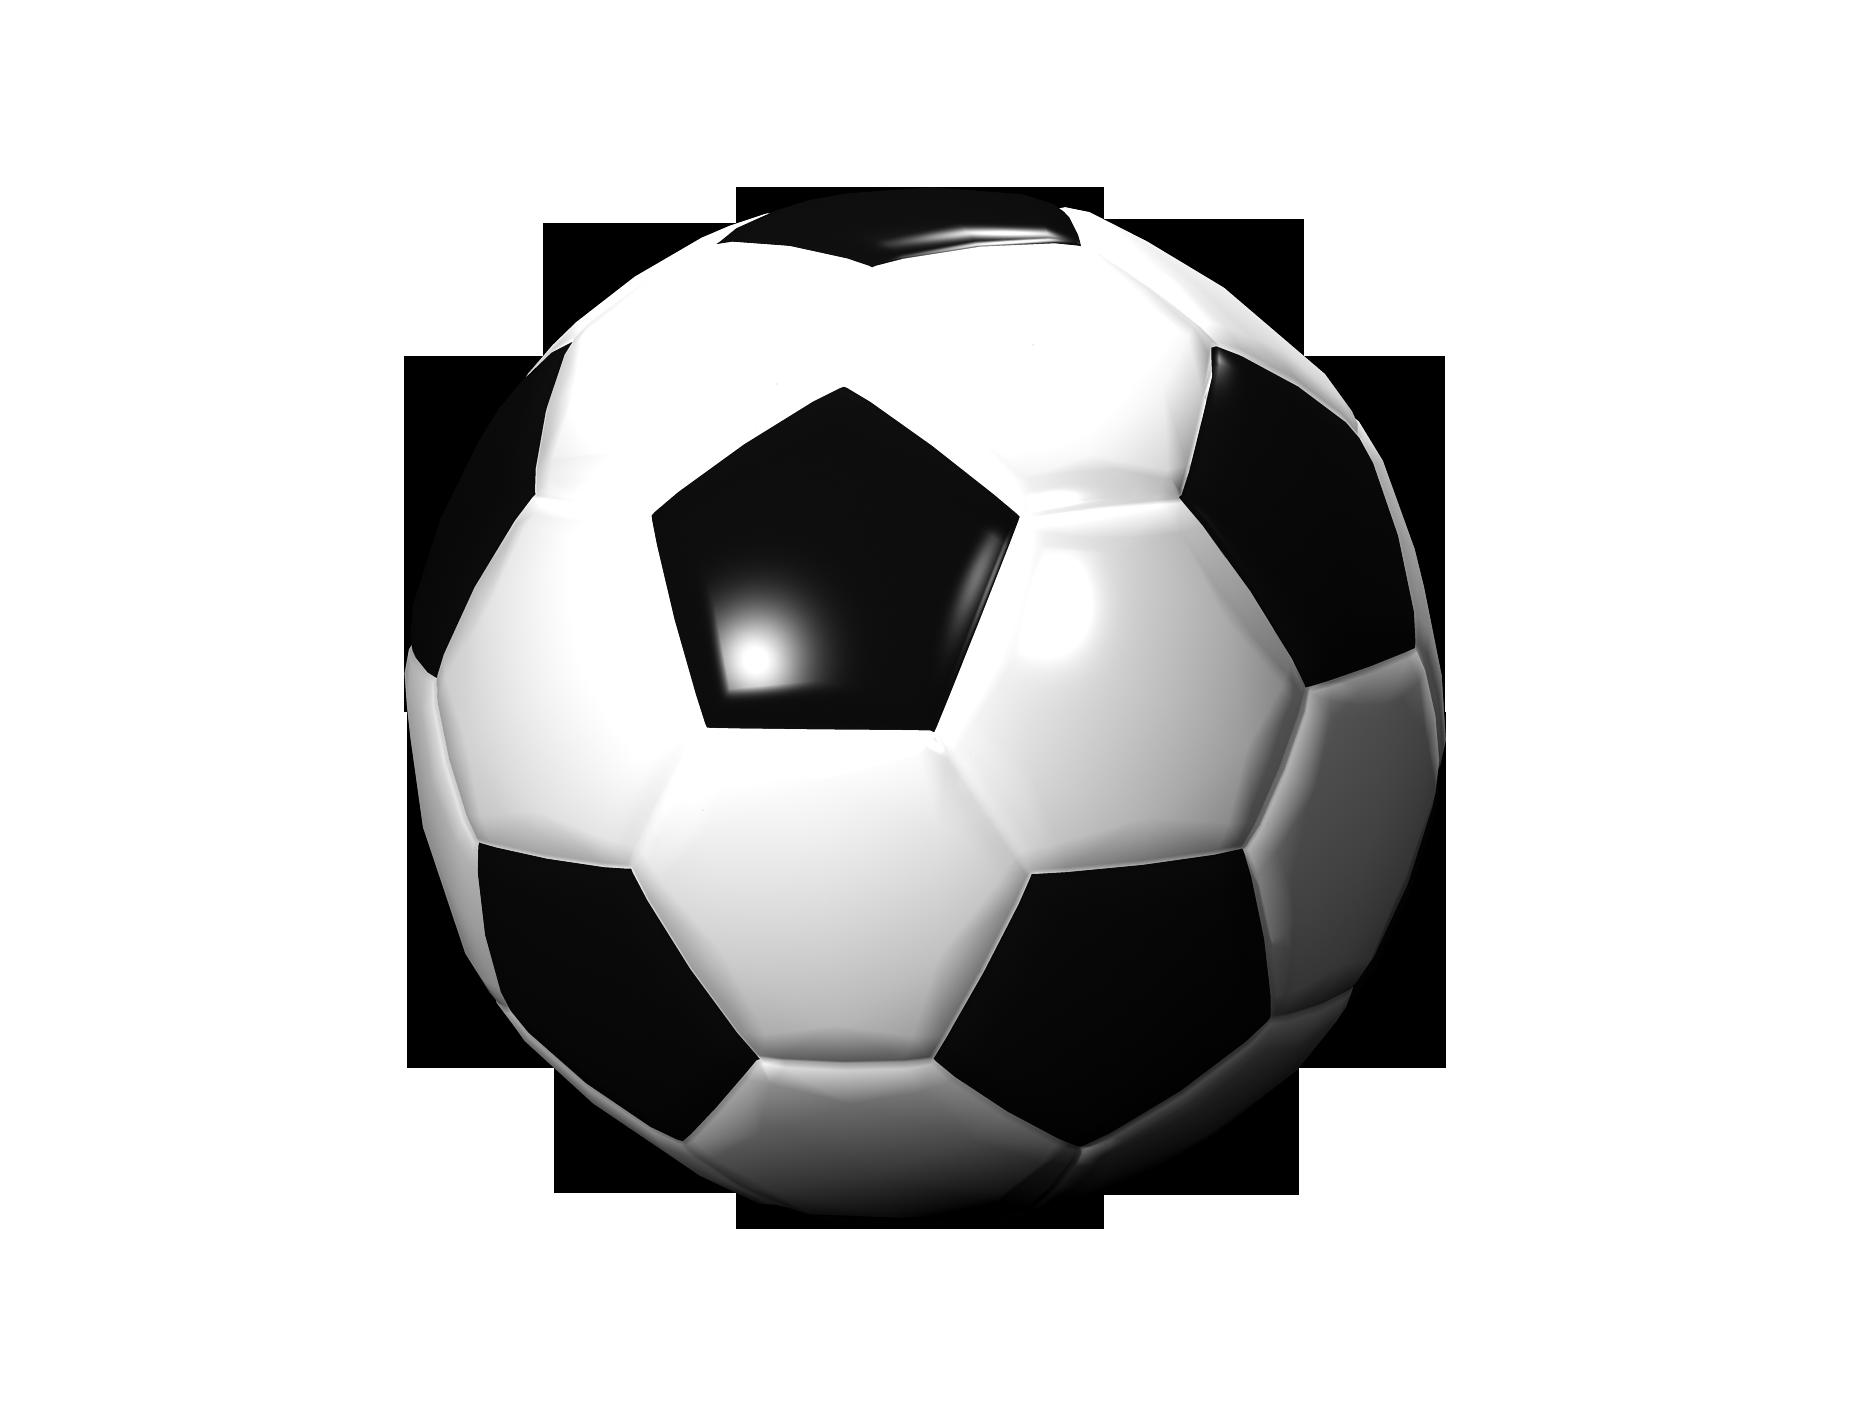 fussball tippen tricks